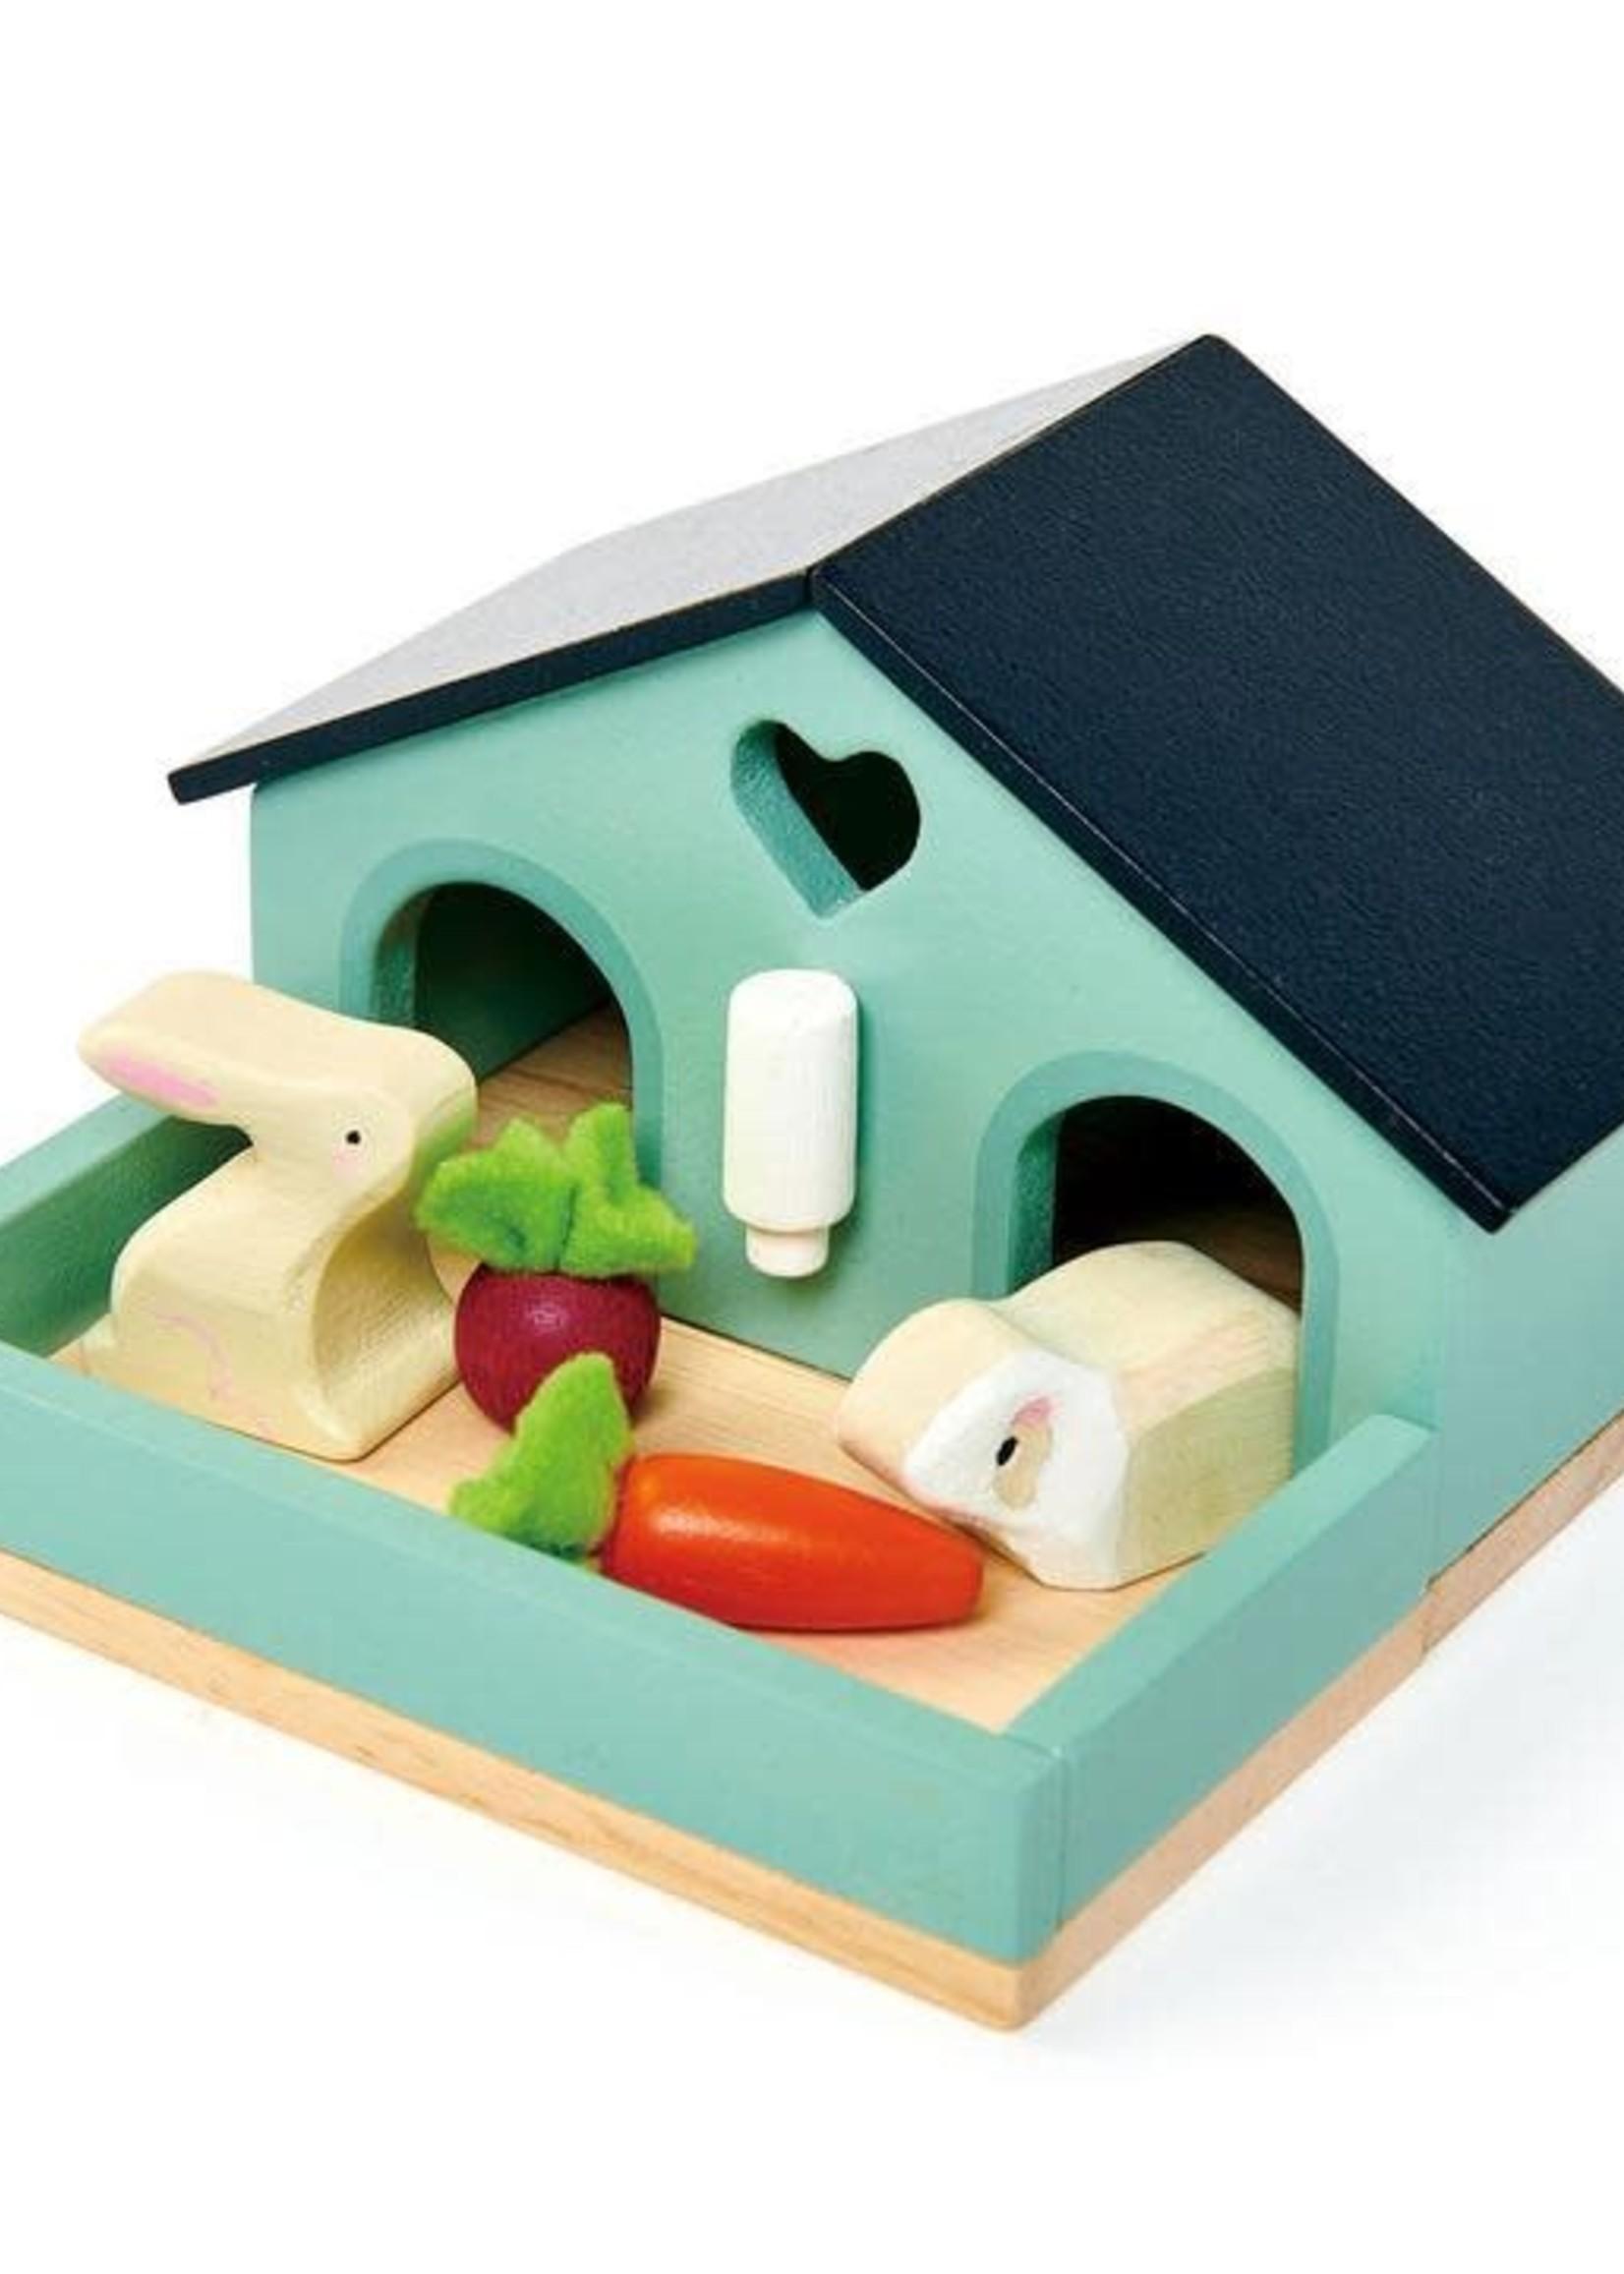 Tender Leaf Toy Tender Leaf Pet Rabbit Set